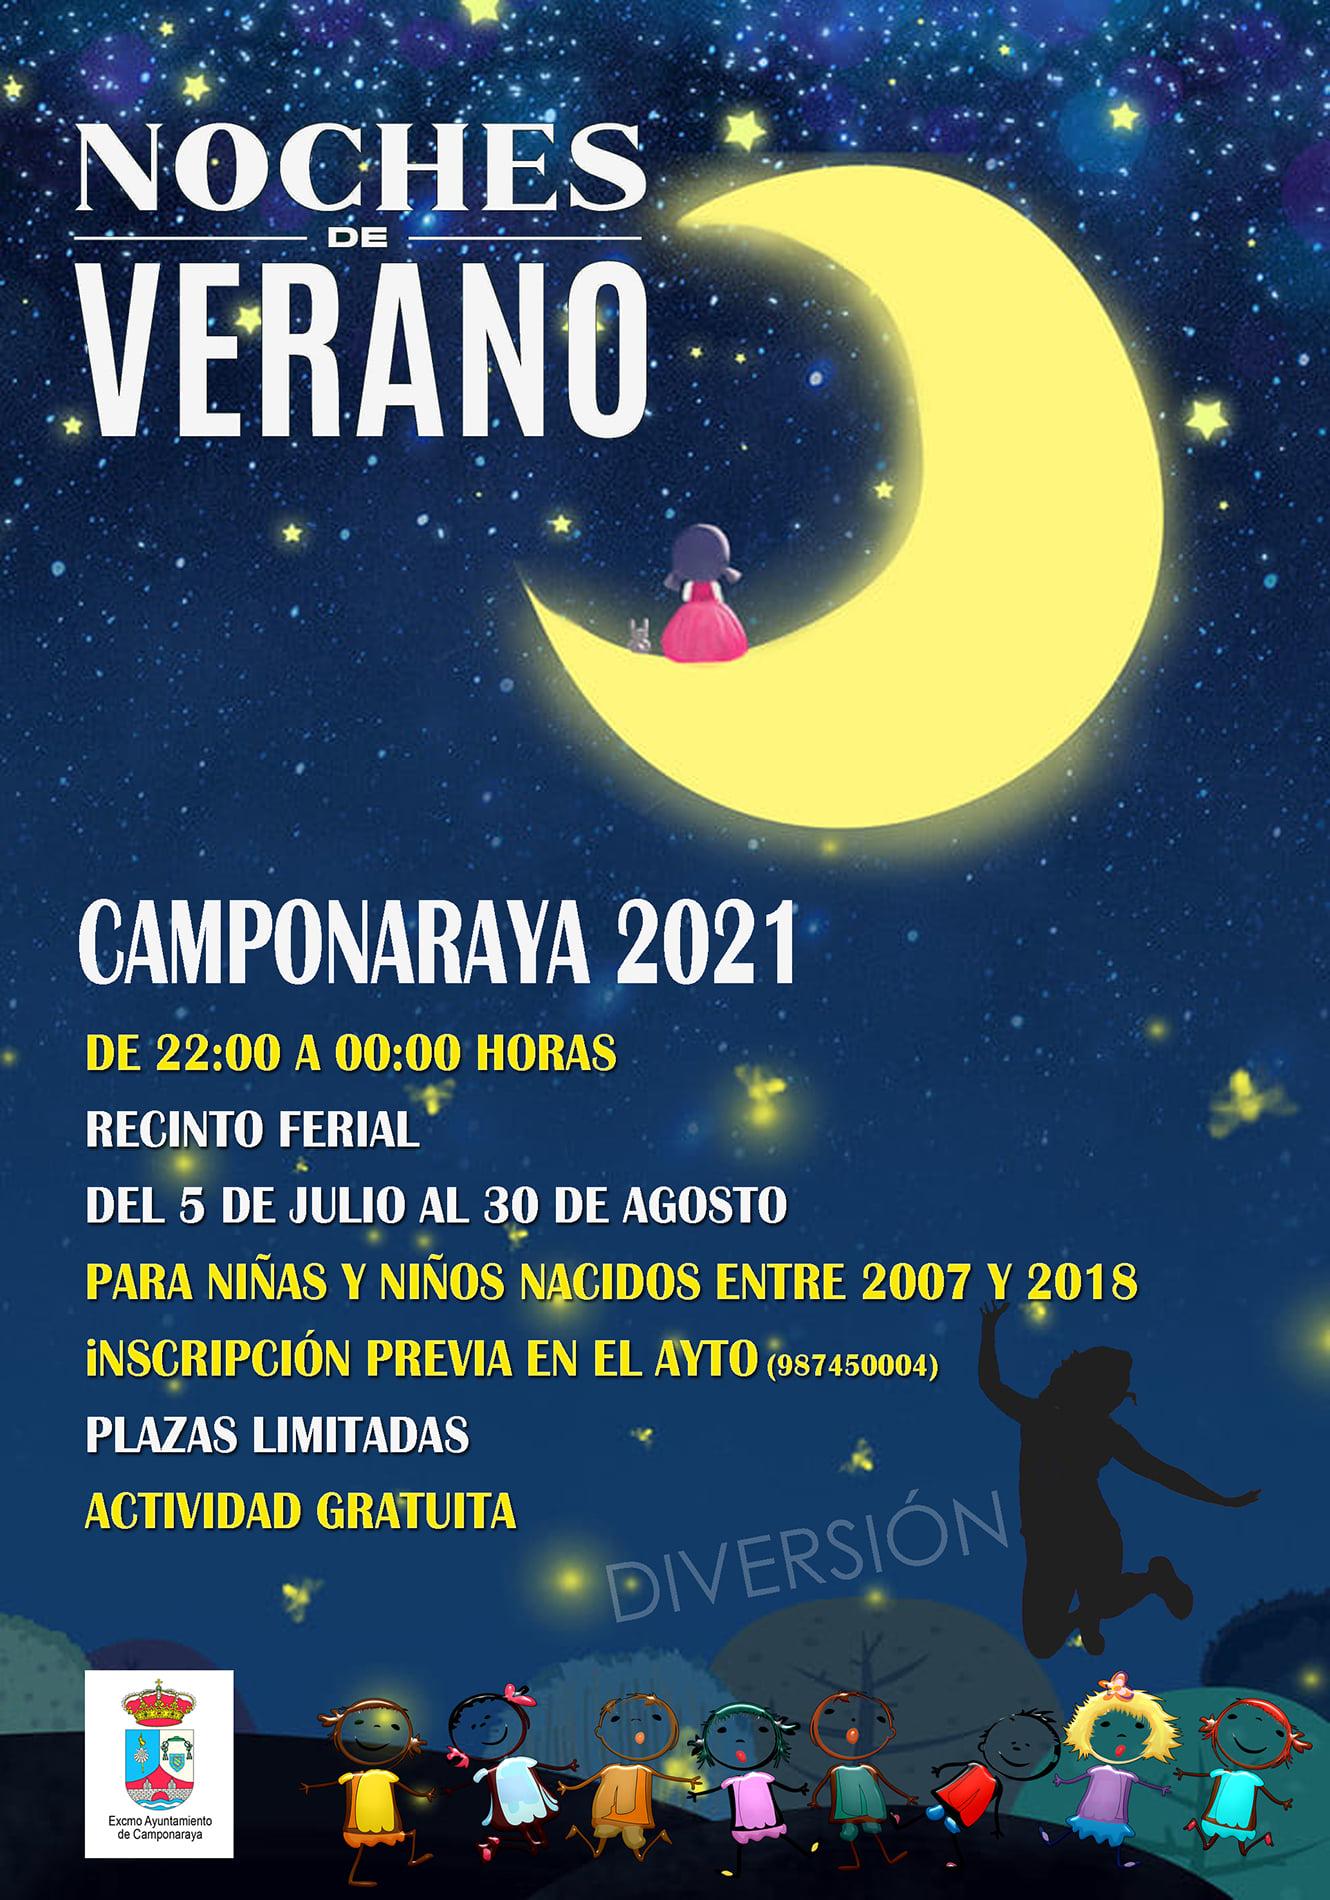 Camponaraya propone actividades para los más jóvenes en las Noches de verano 2